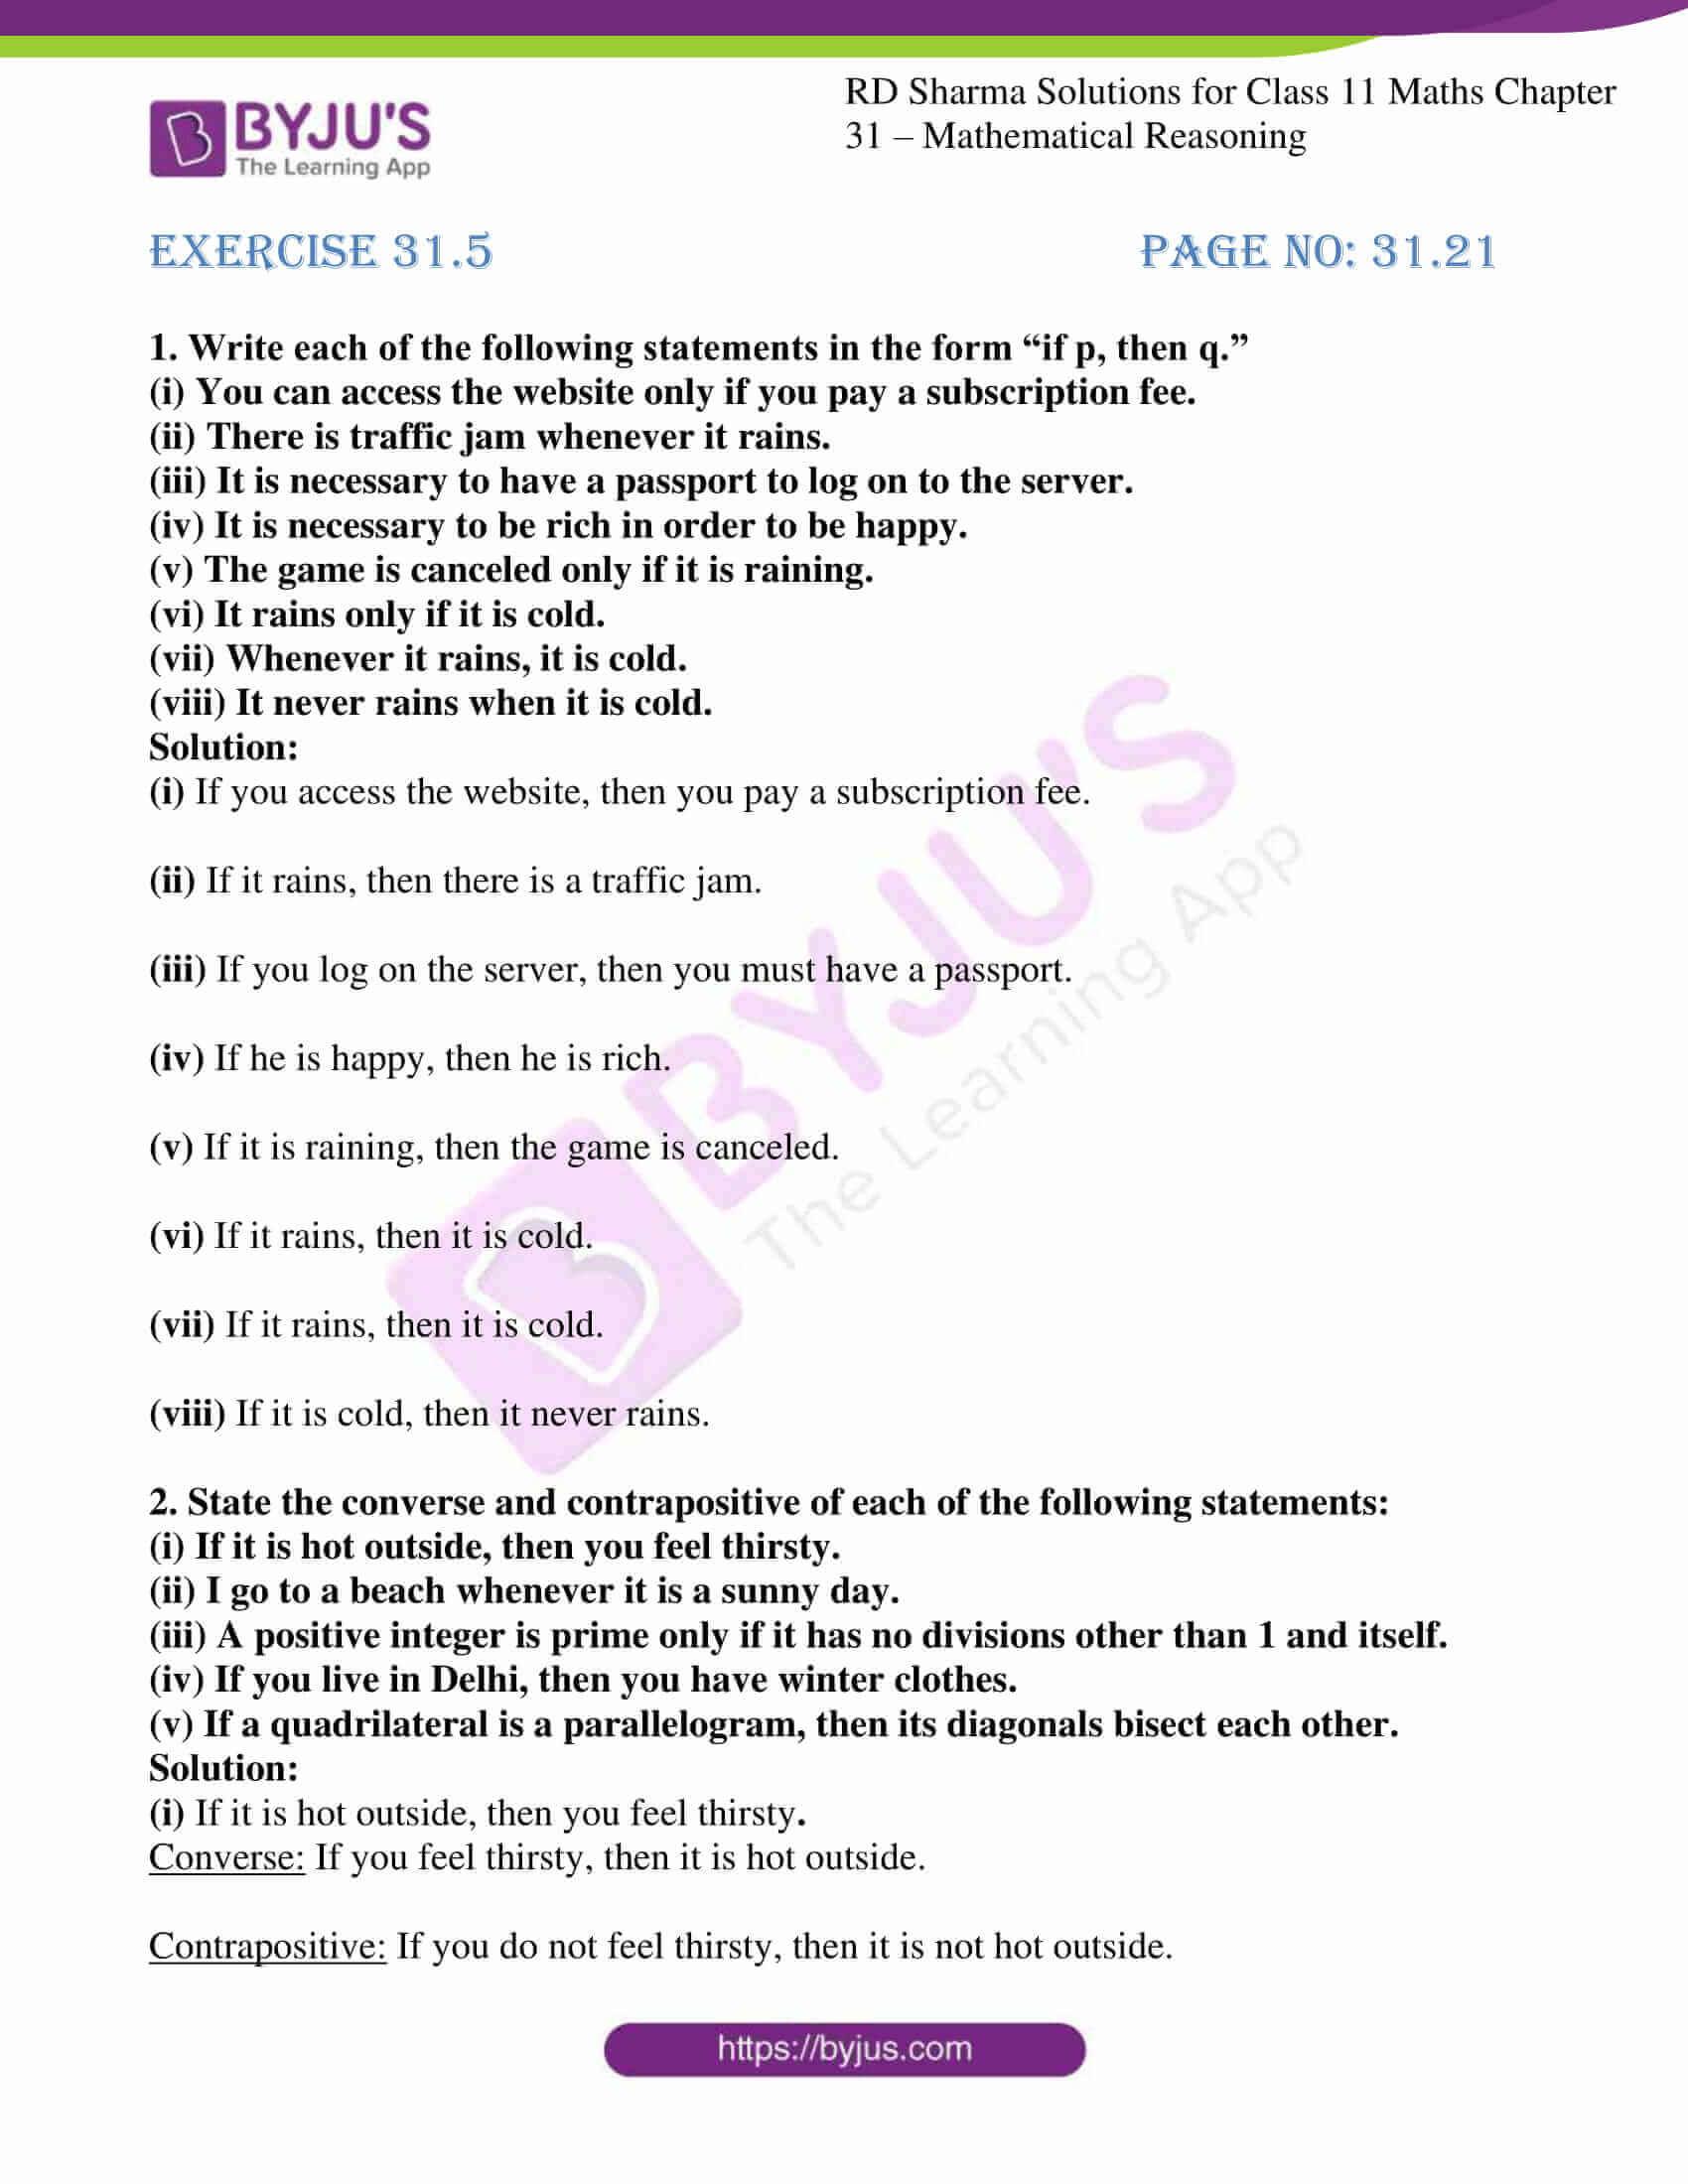 rd sharma class 11 maths chapter 31 ex 5 1